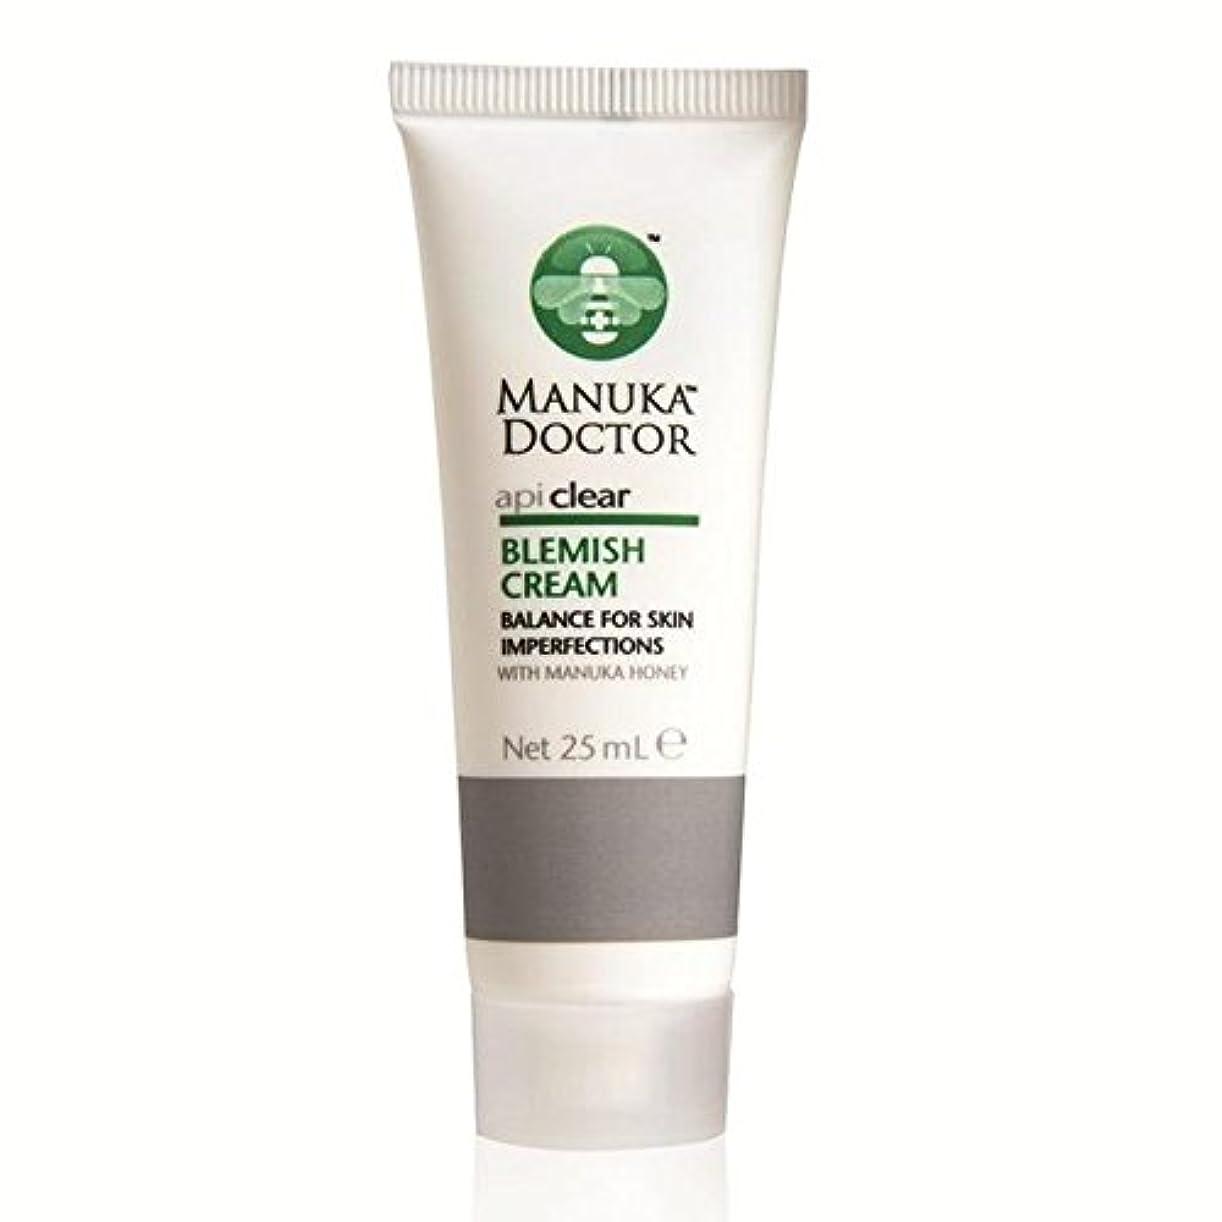 売上高コントラストナットマヌカドクター明確な傷クリーム25ミリリットル x2 - Manuka Doctor Api Clear Blemish Cream 25ml (Pack of 2) [並行輸入品]